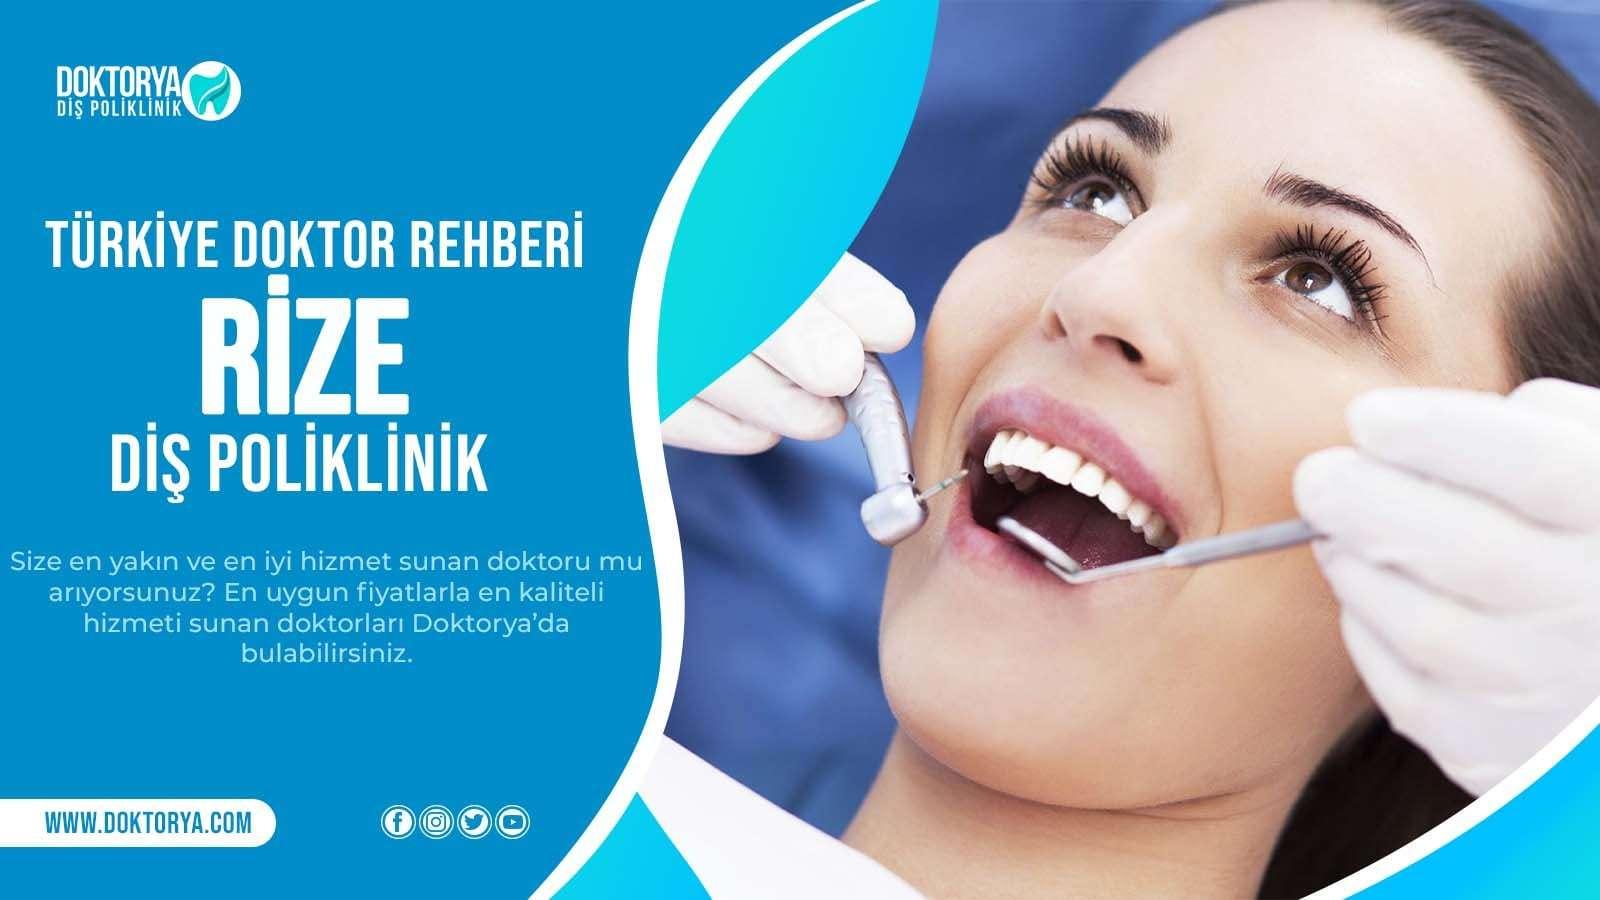 Rize Diş Poliklinik